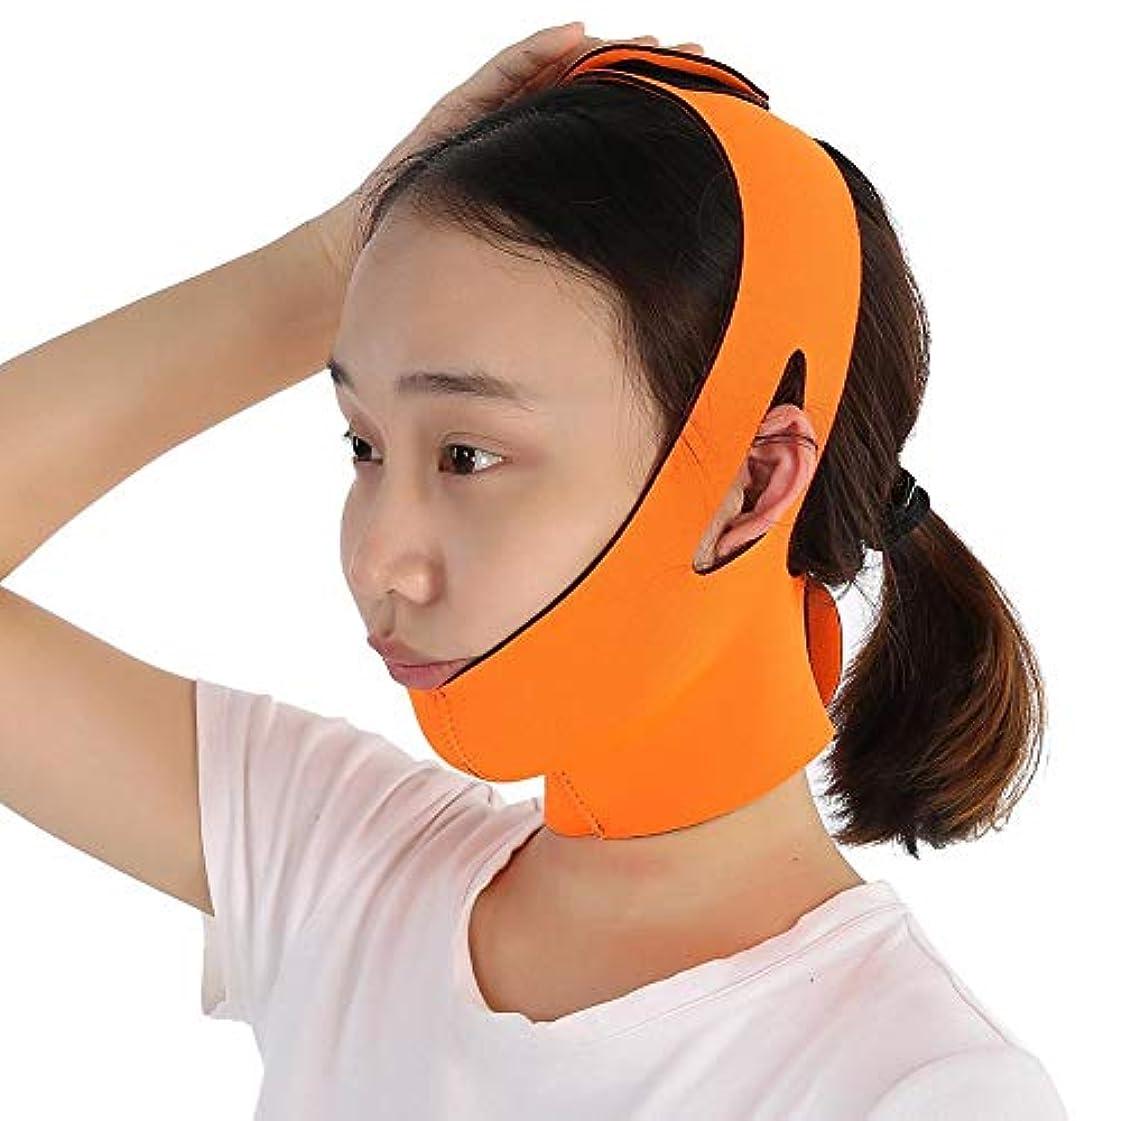 顔痩身包帯ベルトマスクフェイスリフトダブルチンスキンストラップ女性抗痩身ベルトフェイシャル薄いメッセンジャーフェイスリフトツール,Orange